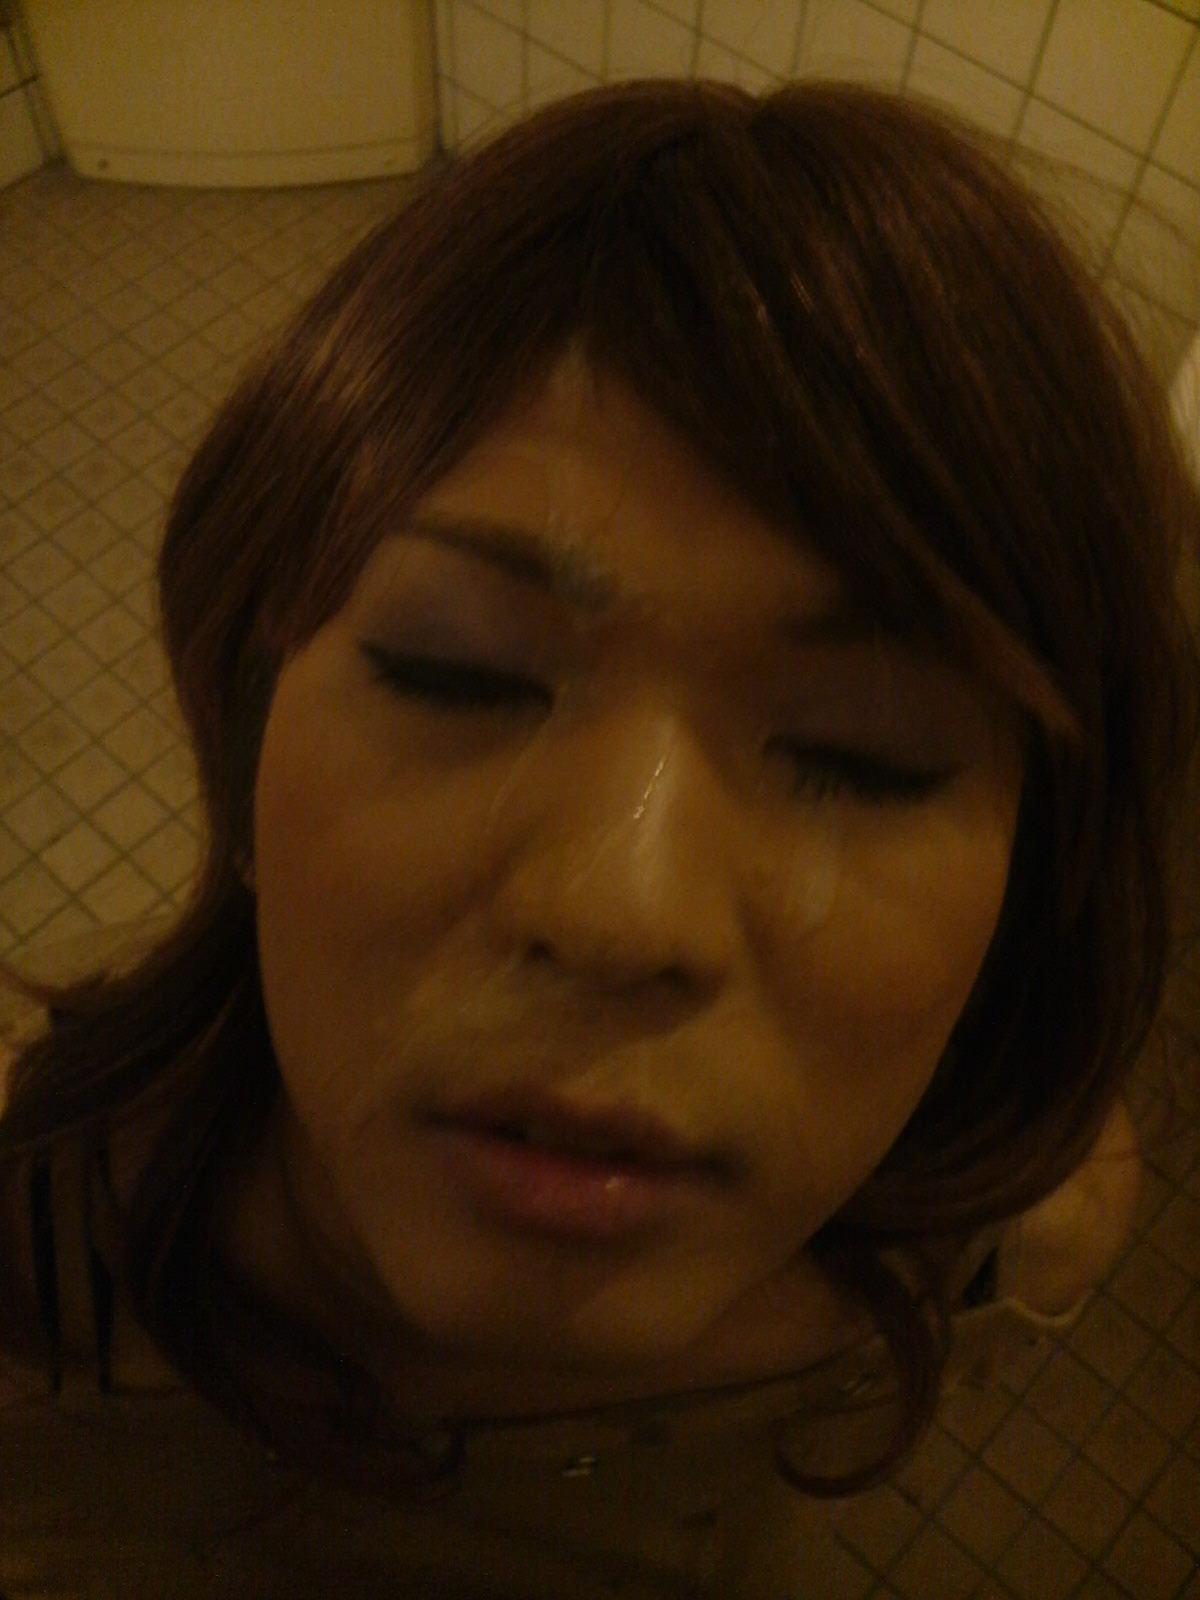 彼女の可愛い顔やおっぱいに精子をぶちまけたぶっかけエロ画像!!!! 2507